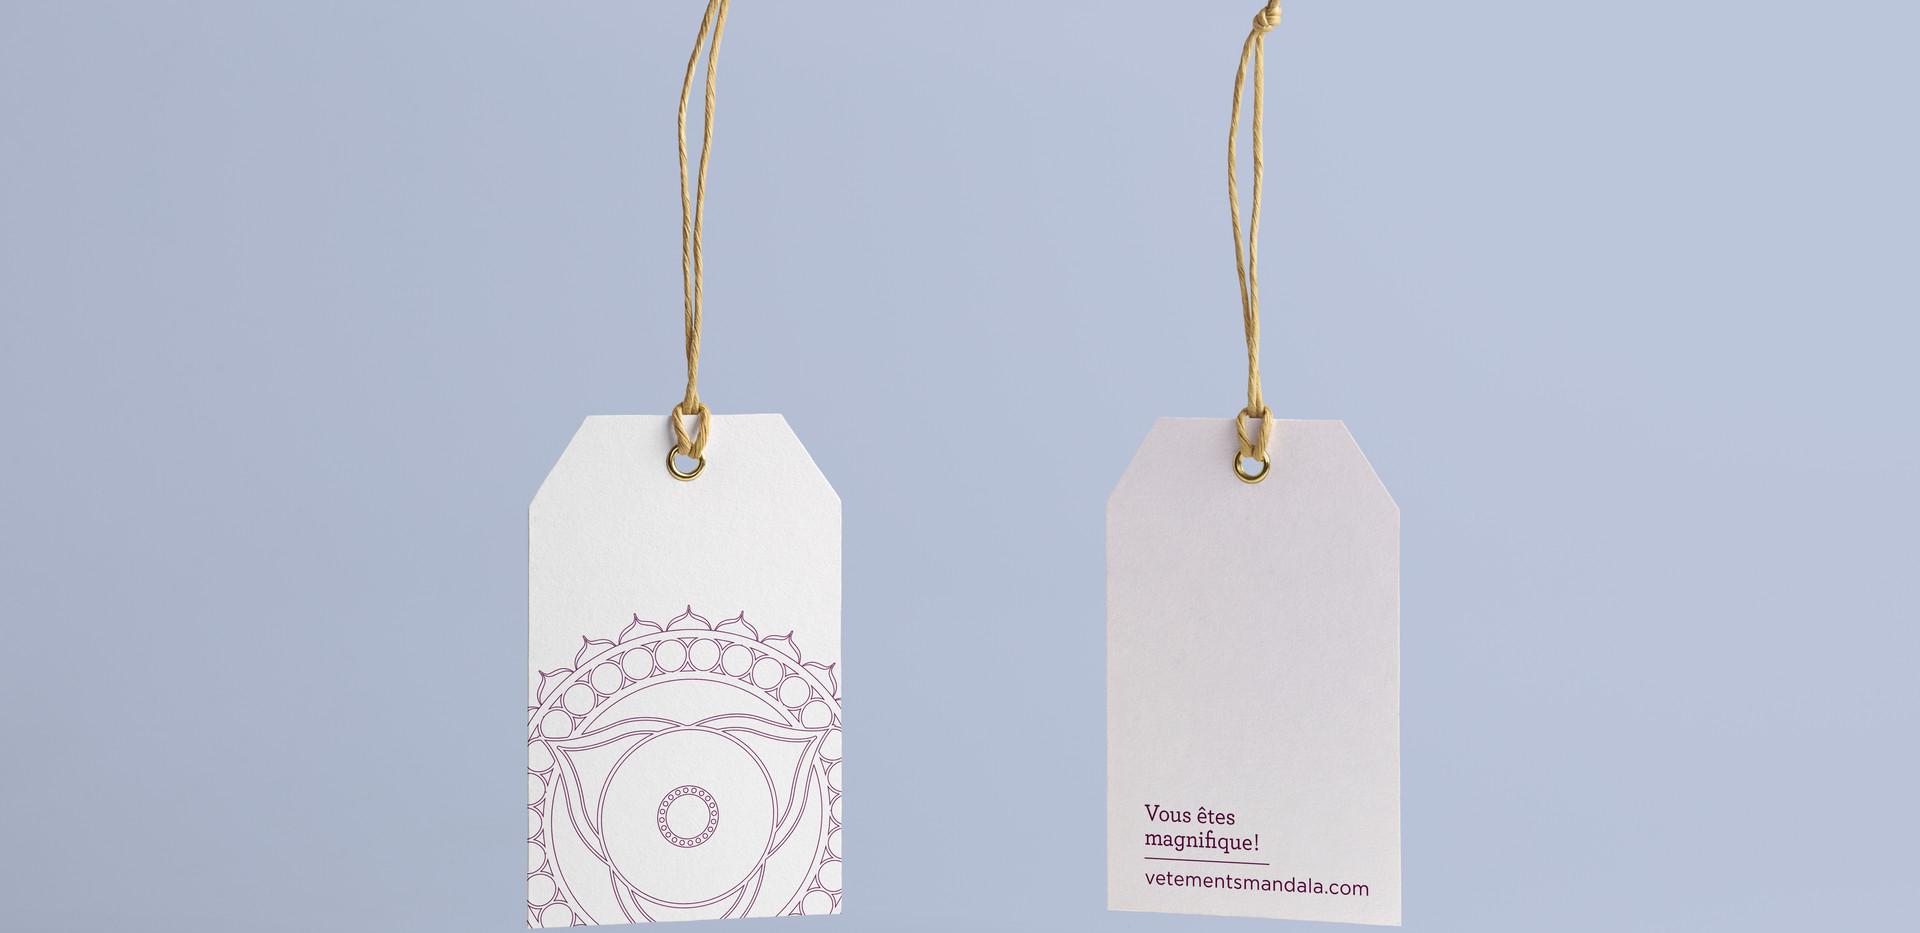 Vêtements Mandala | Étiquettes